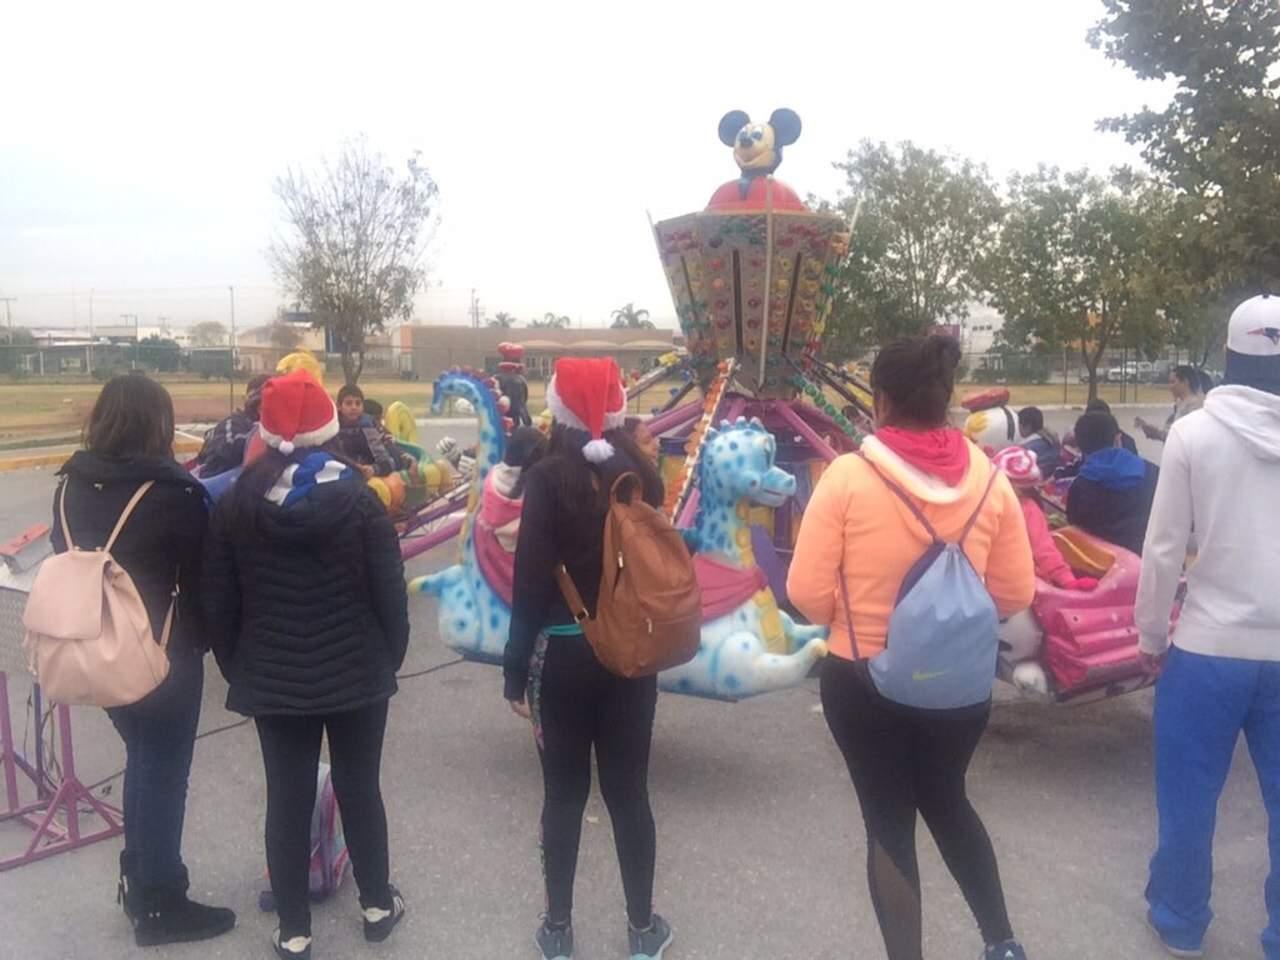 Estudiantes Organizan Posada A Ninos Con Discapacidad El Siglo De Torreon